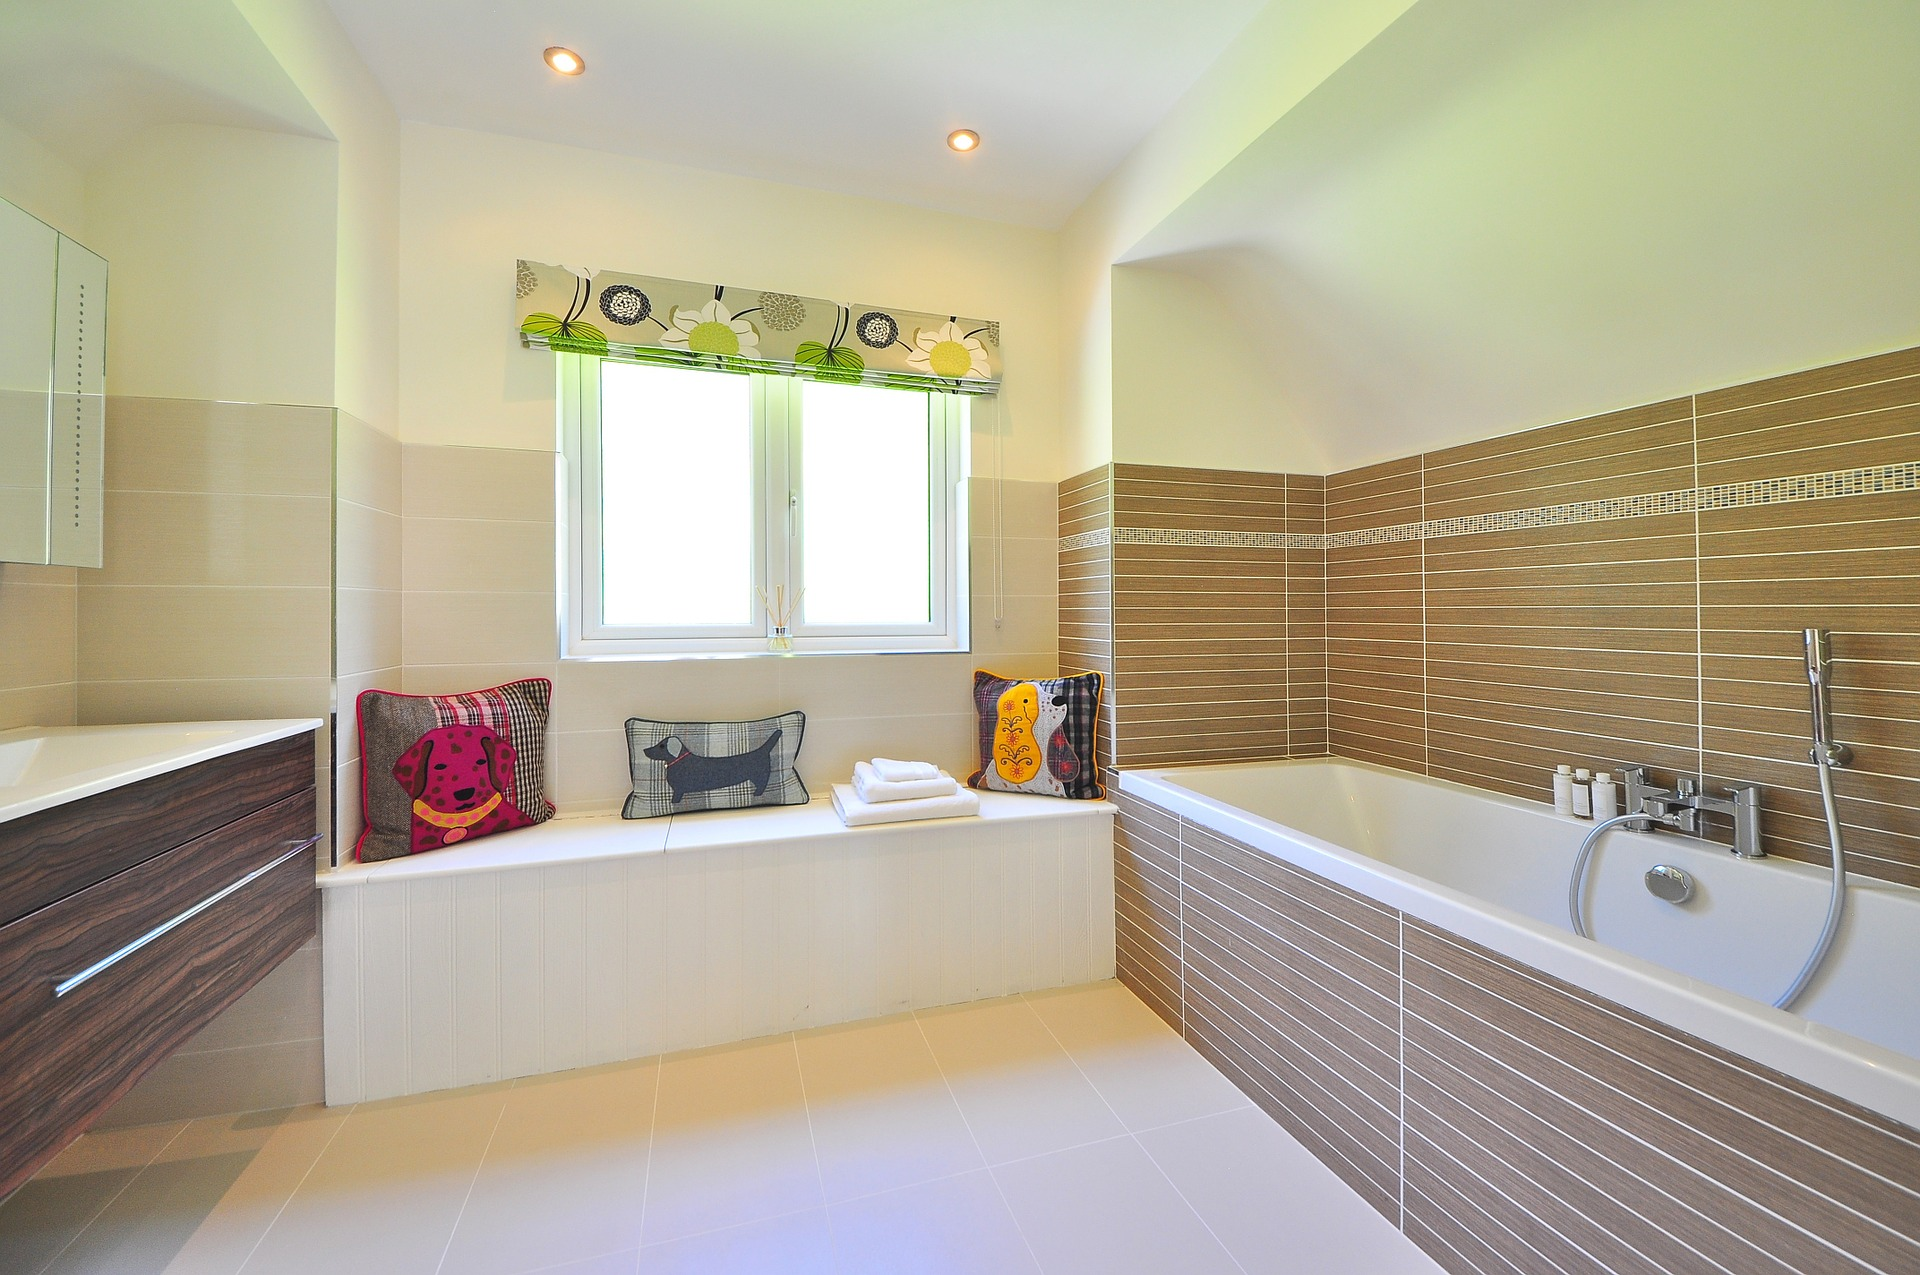 bathroom-1336162_1920